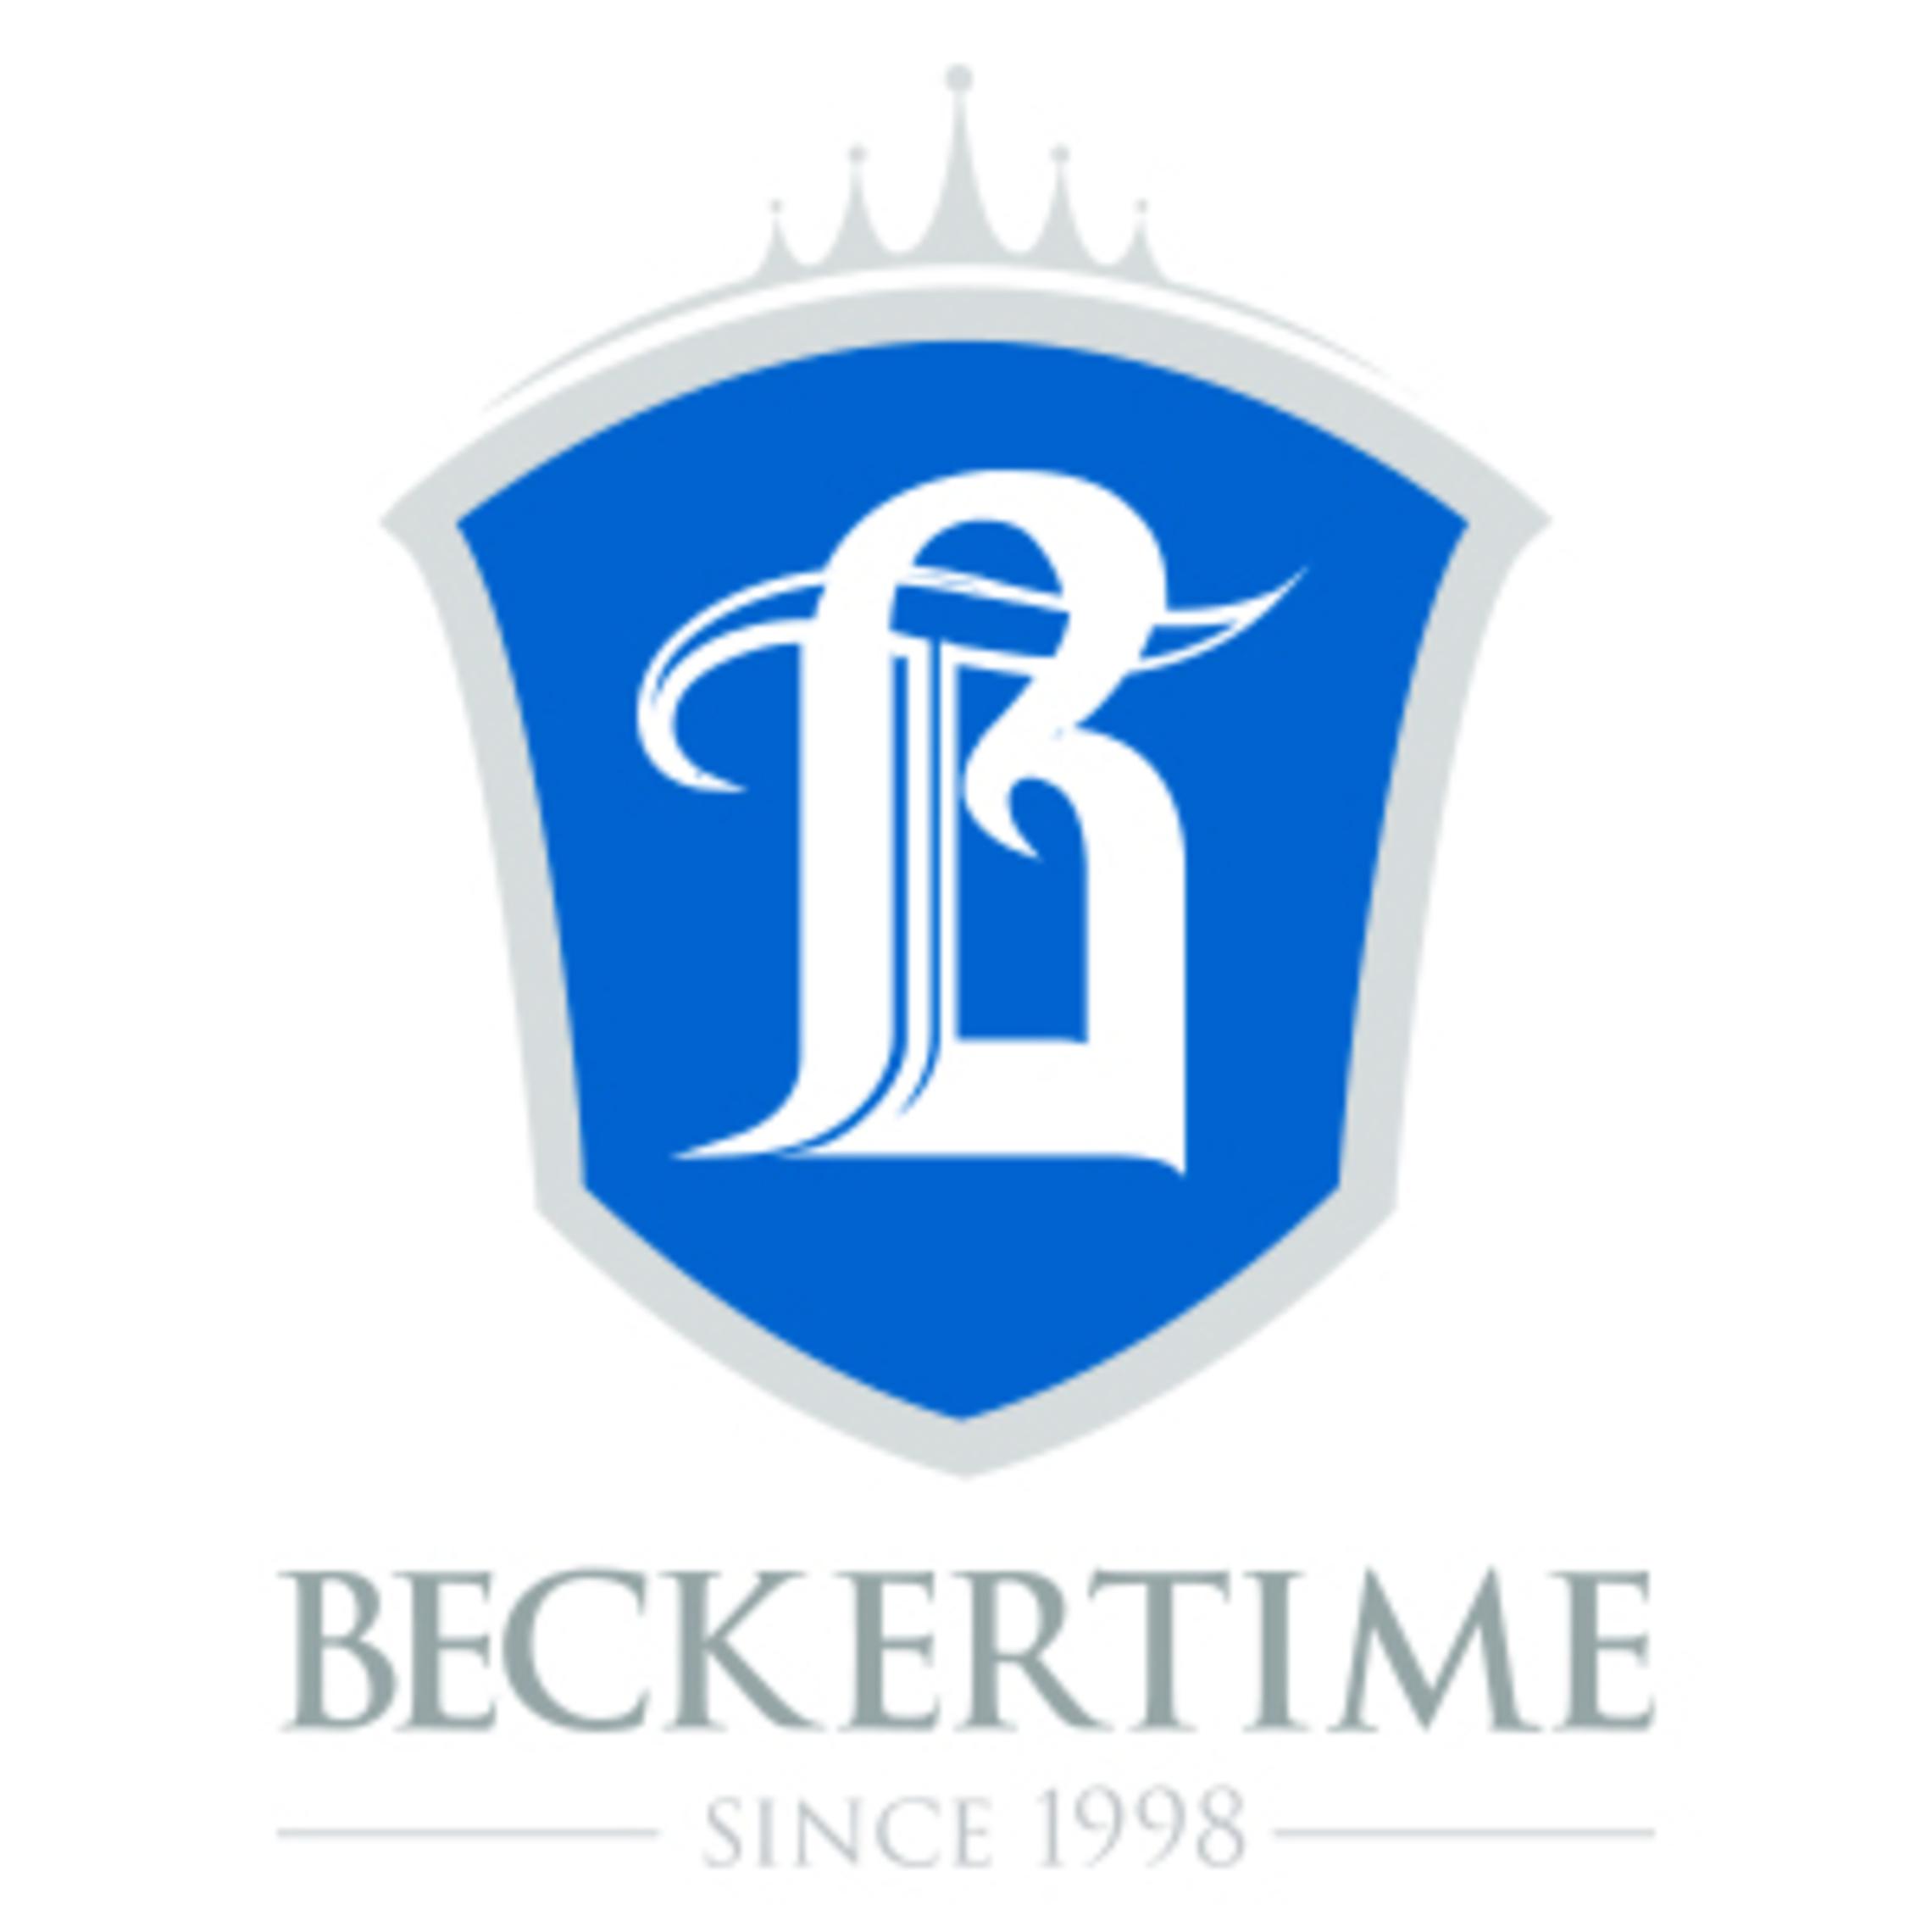 beckertime- company logo